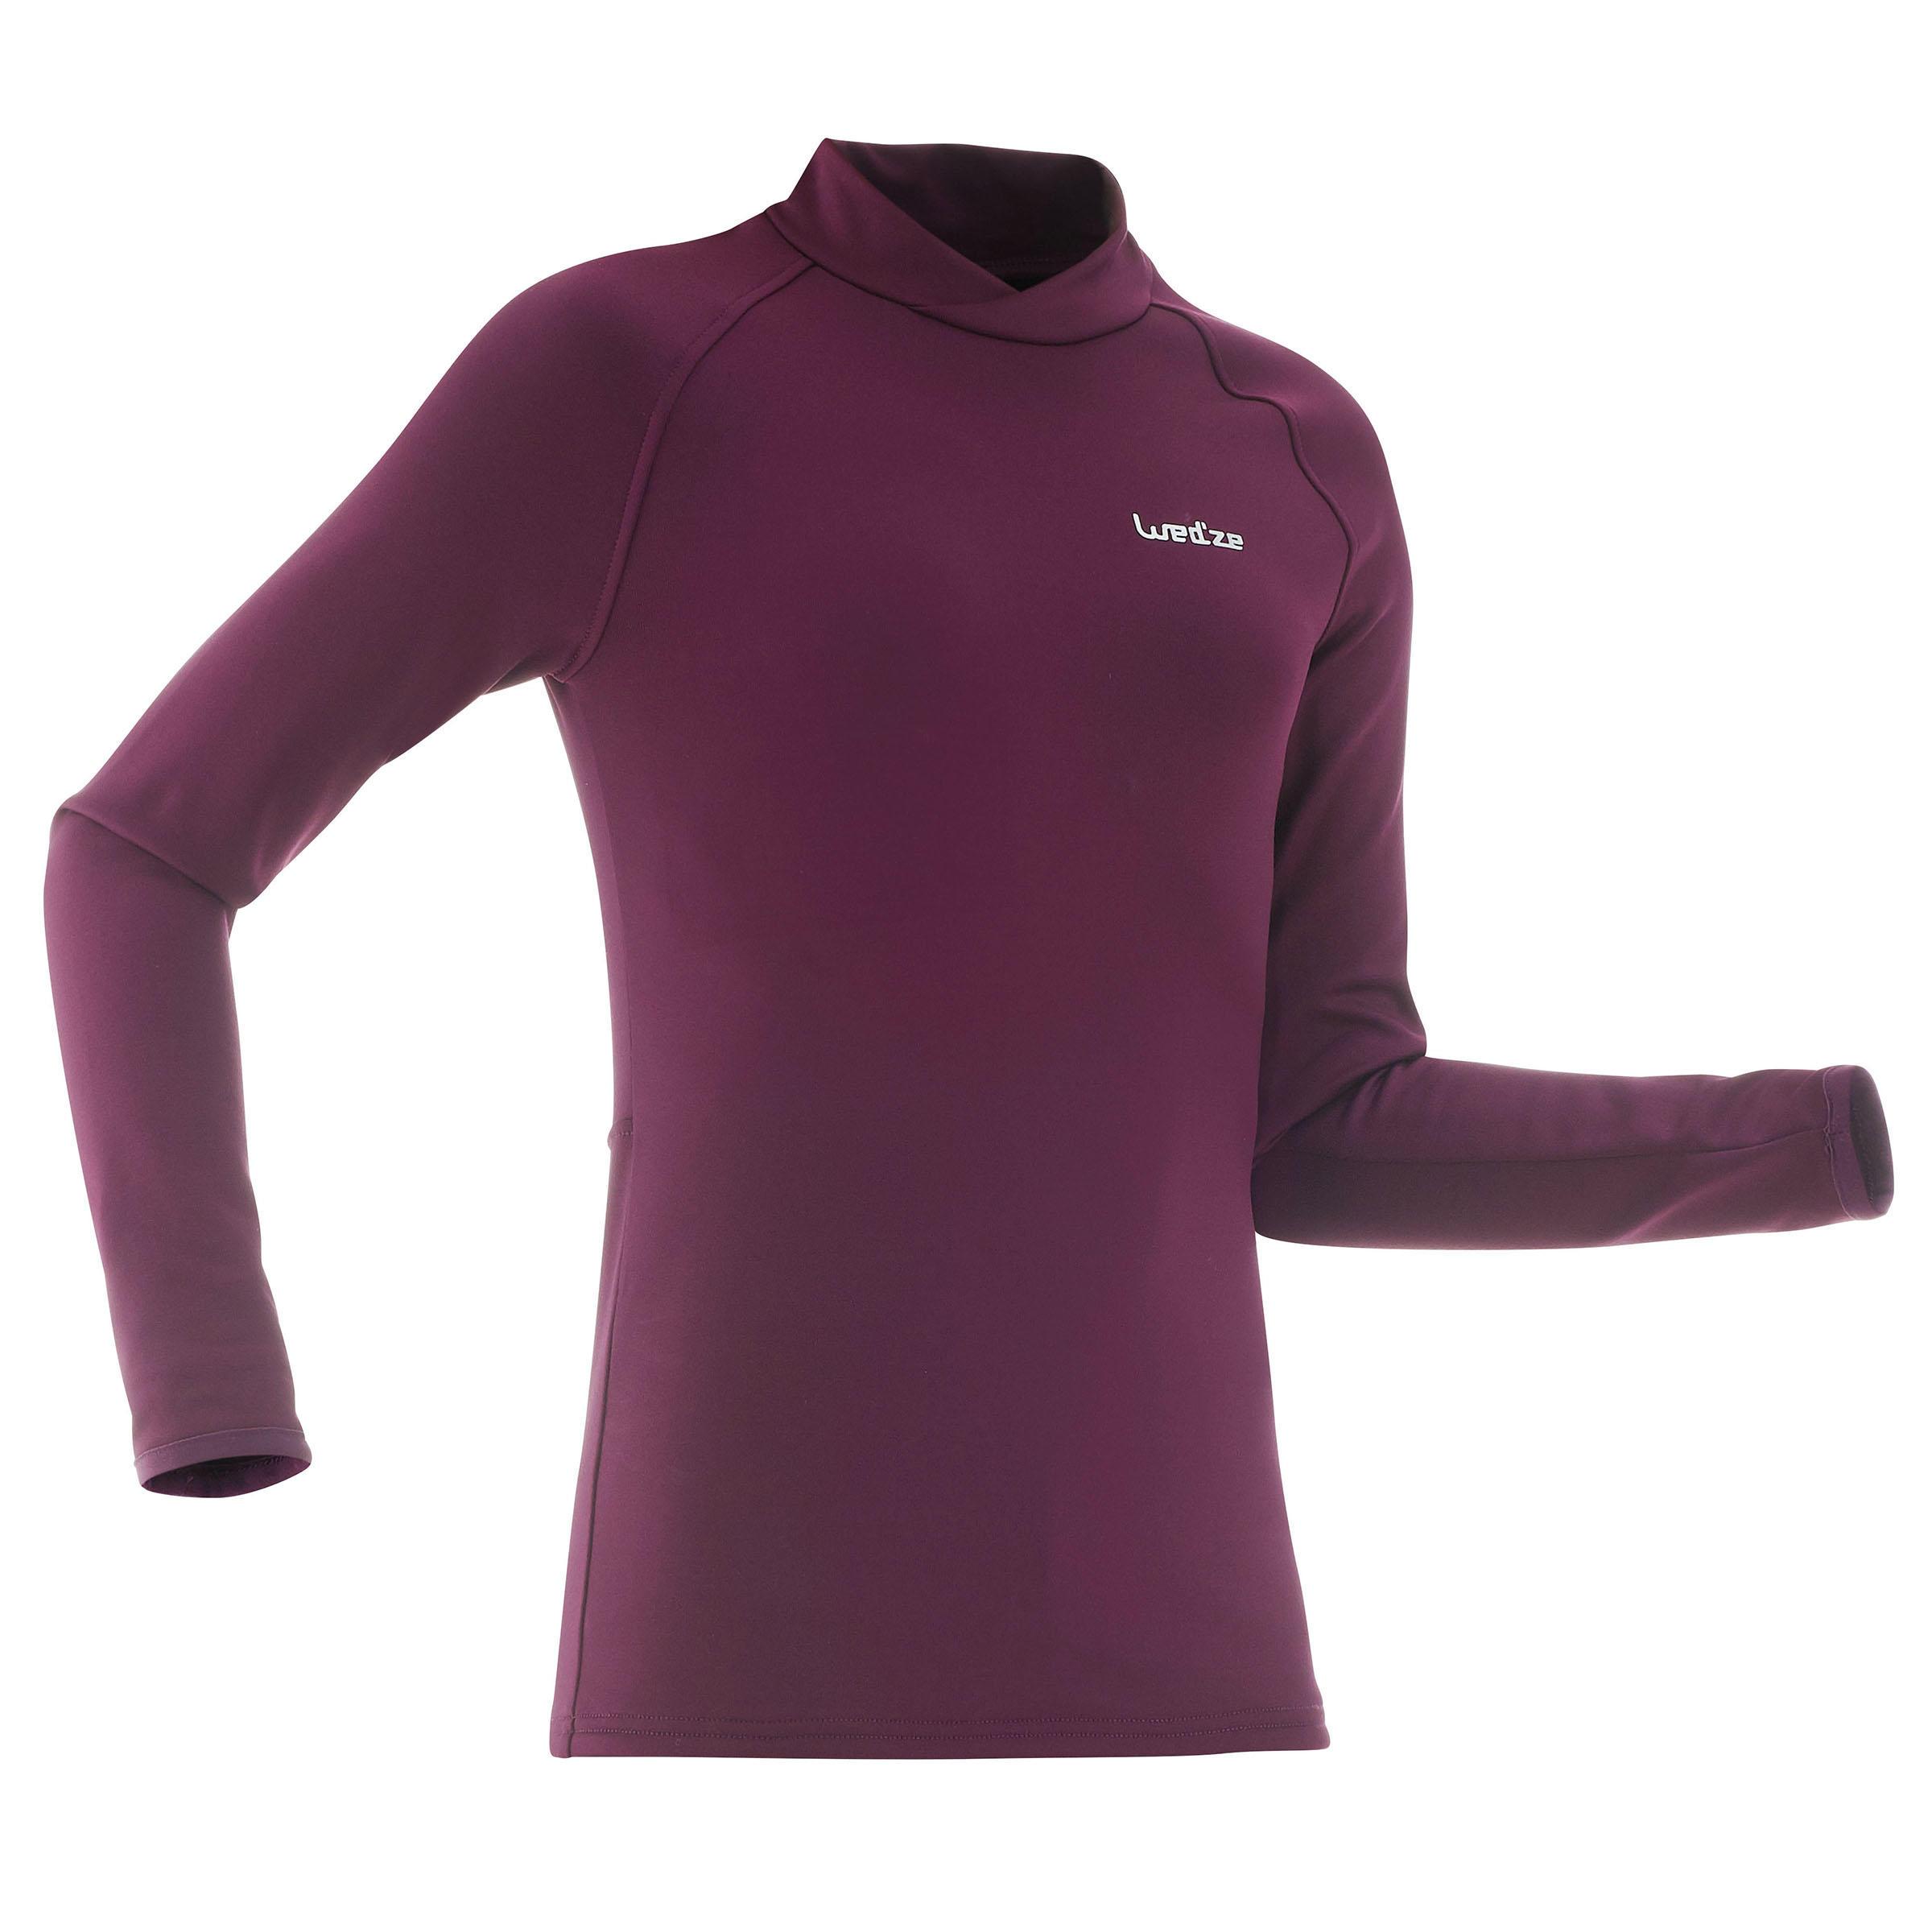 Sous-vêtement de ski enfant Haut Freshwarm prune - Wedze